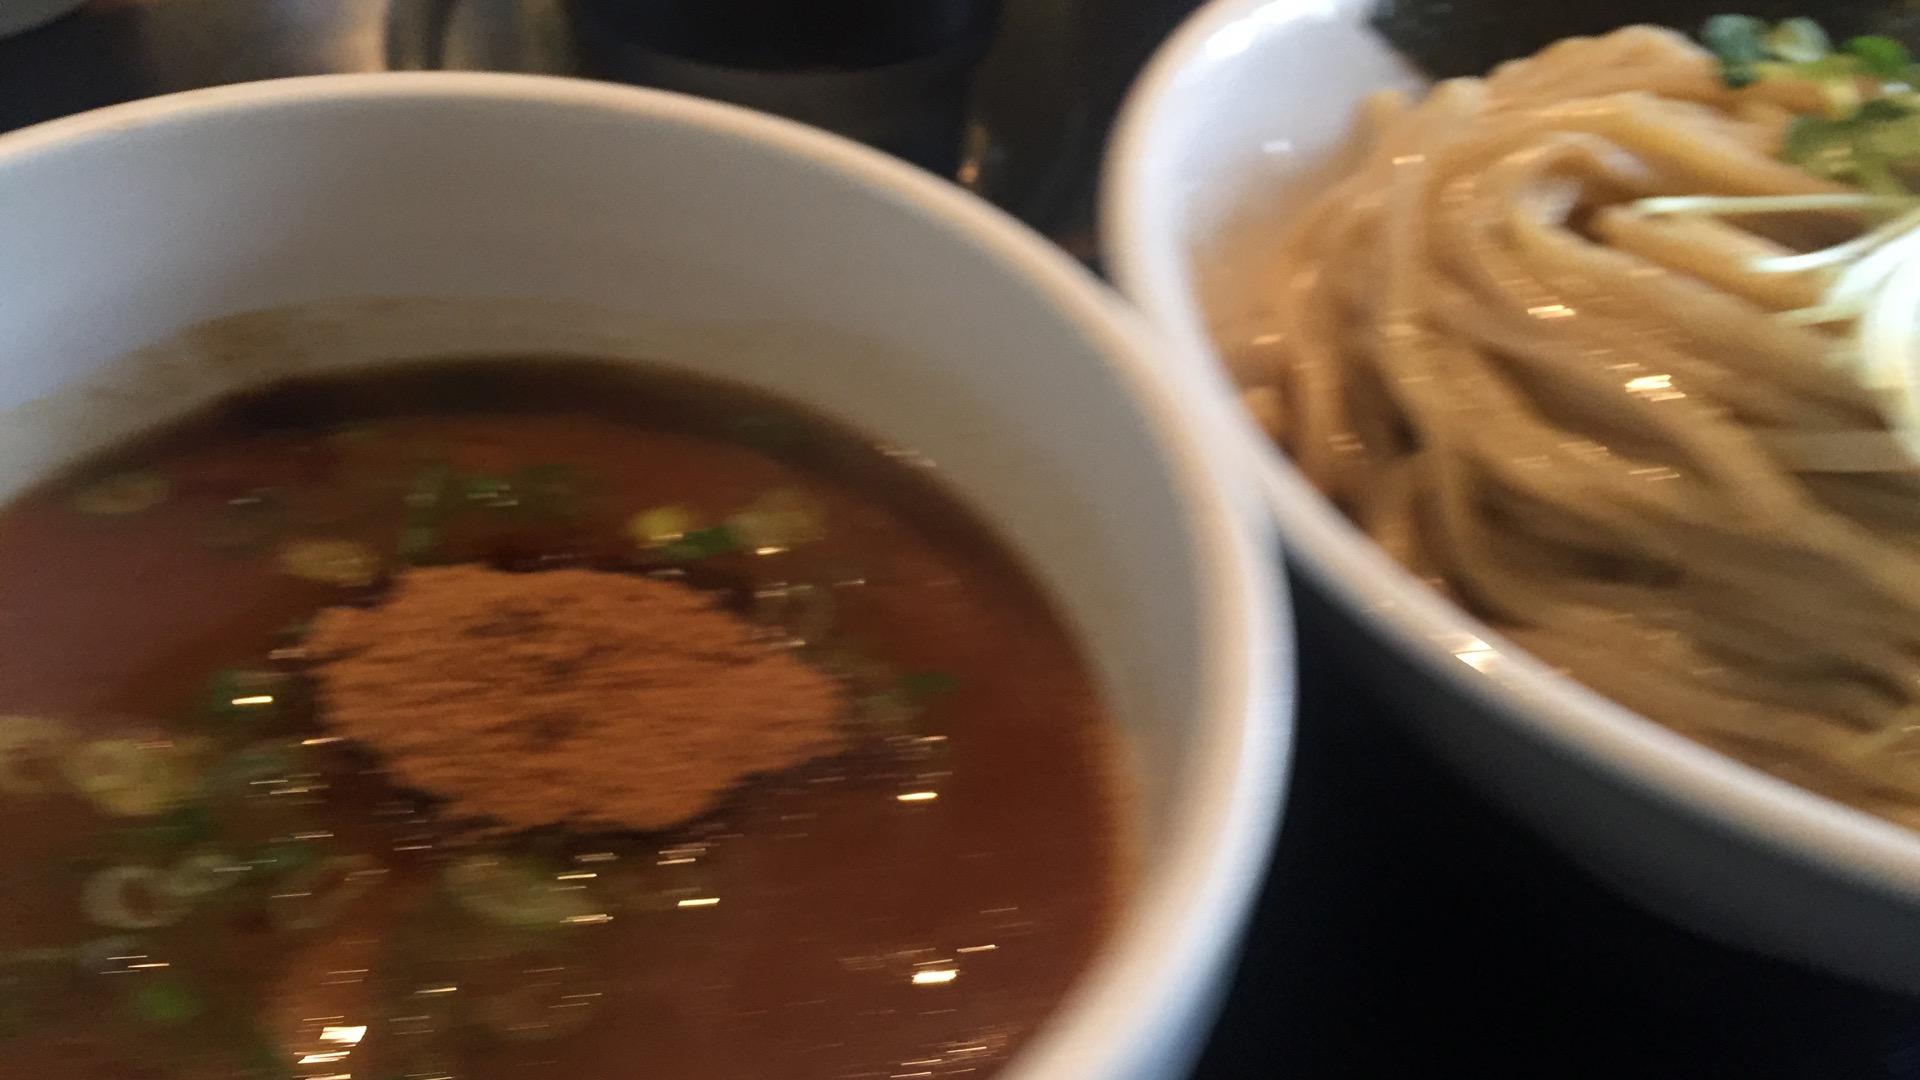 ブラウンつけ麺画像